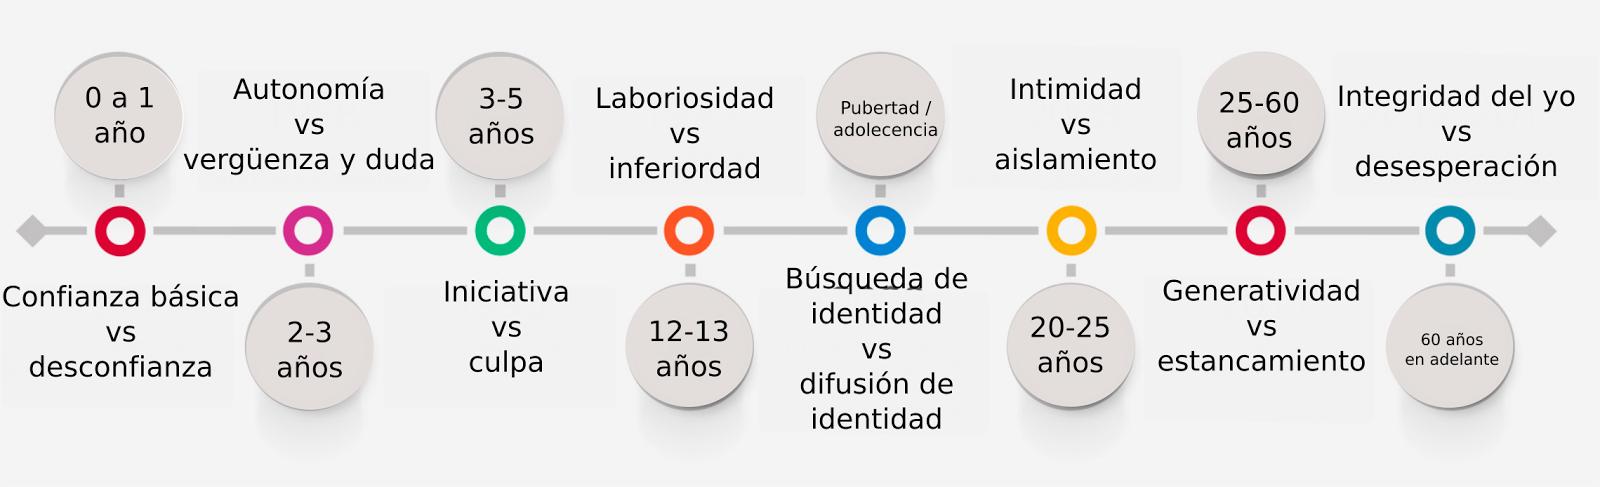 Organizadores Gráficos Línea Del Tiempo Mapa Conceptual